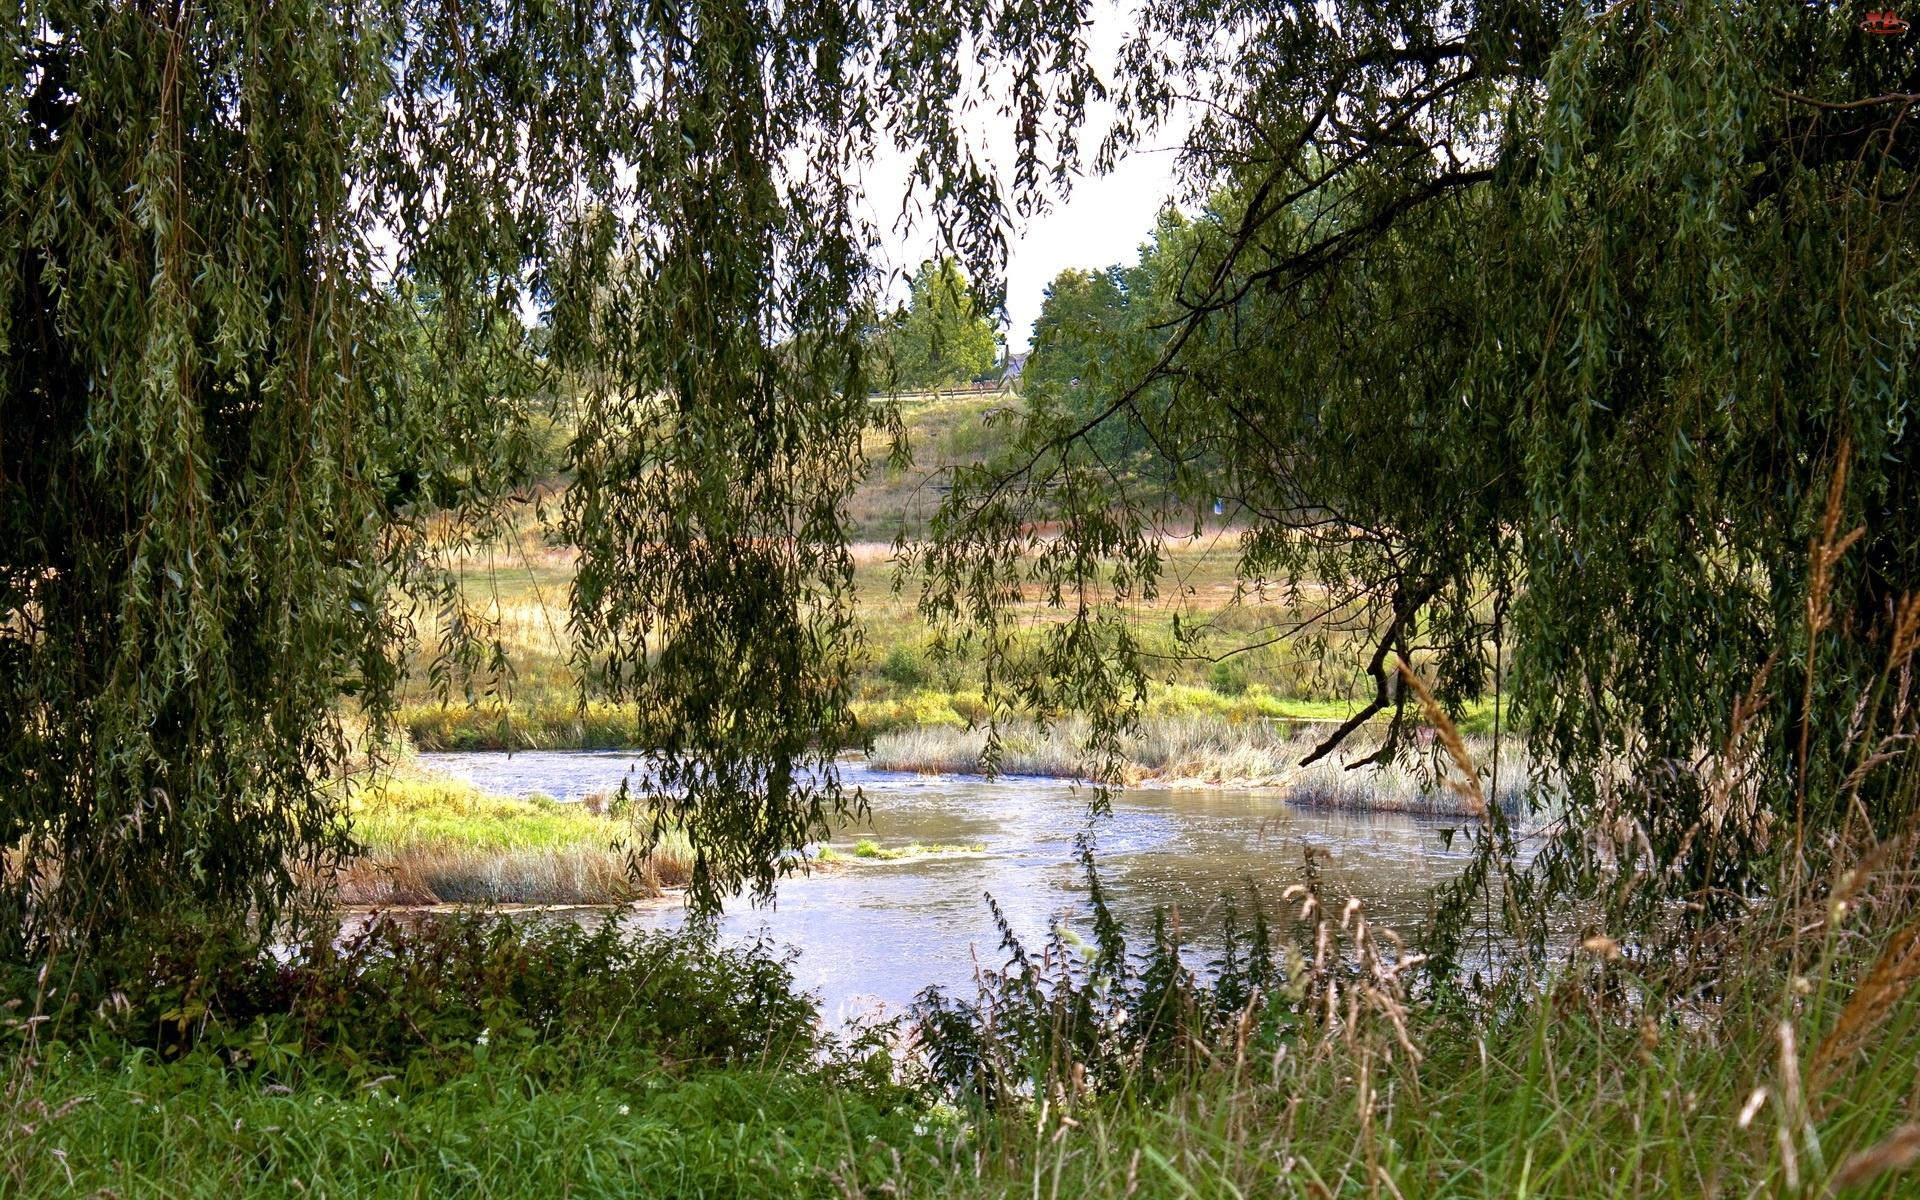 Rzeka, Trawy, Łąki, Drzewa